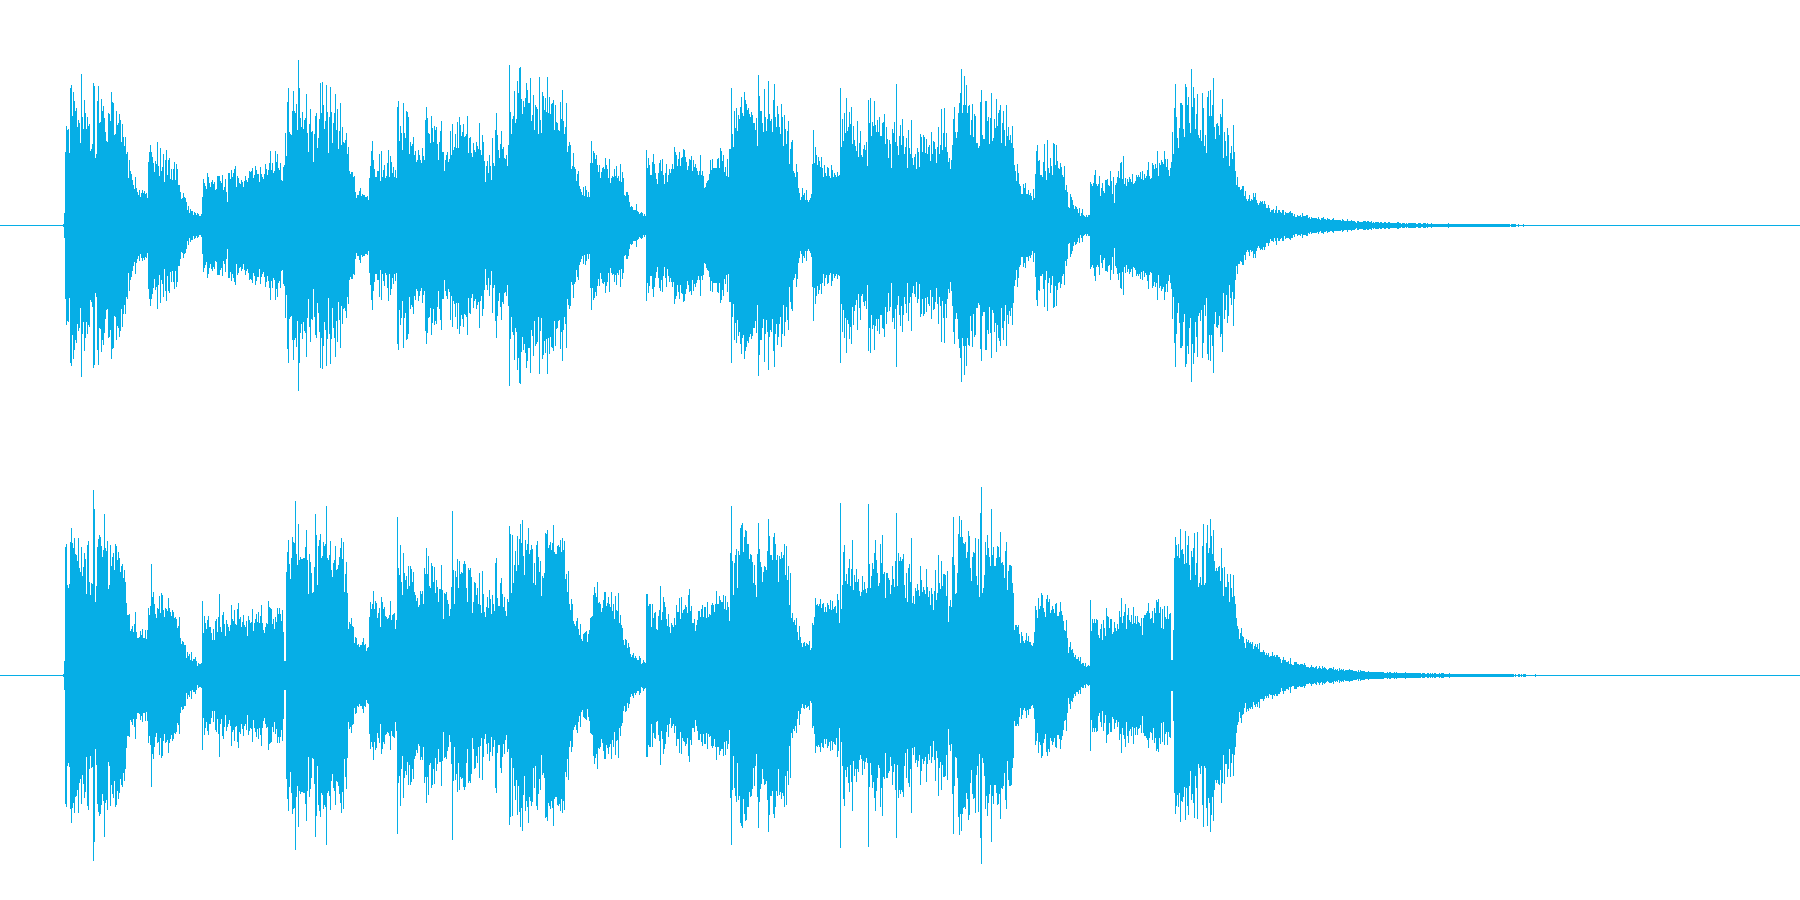 リズミカルな旋律が印象的なロックチューンの再生済みの波形